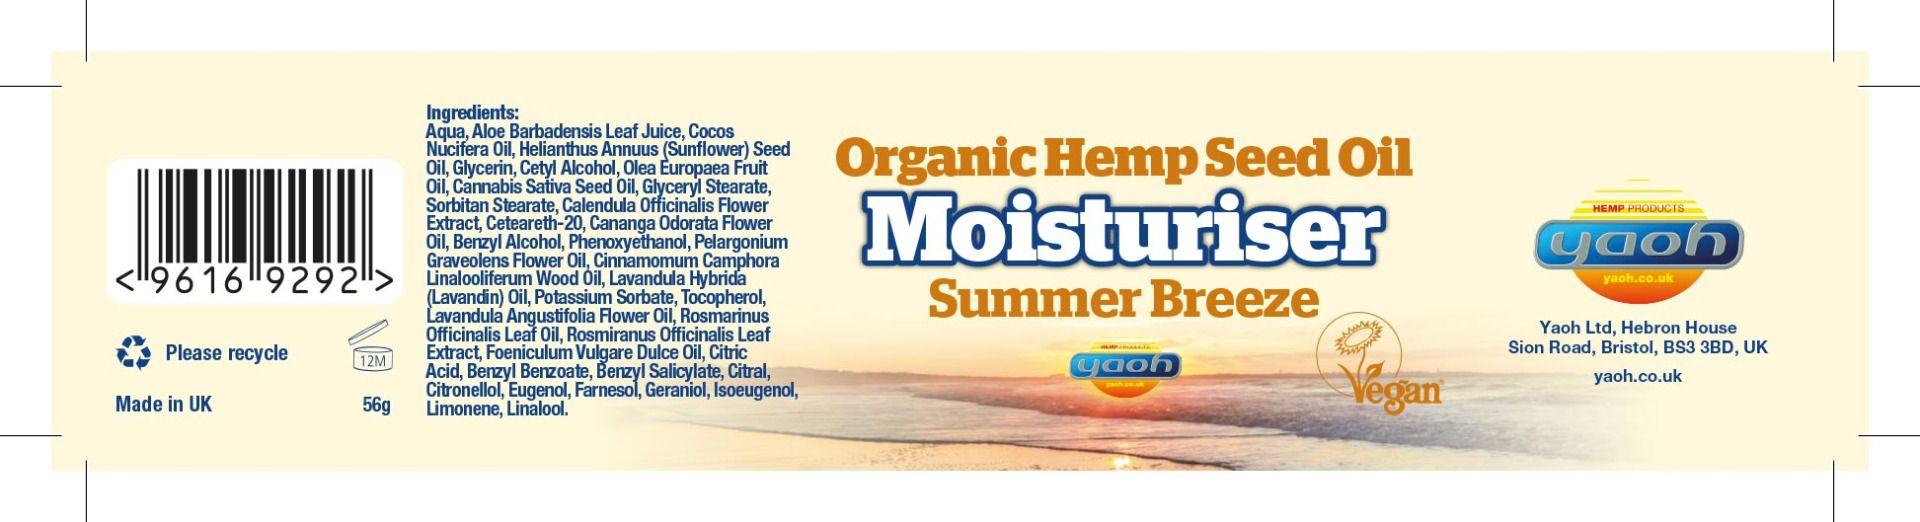 Hemp Seed Oil Moisturiser - Summer Breeze